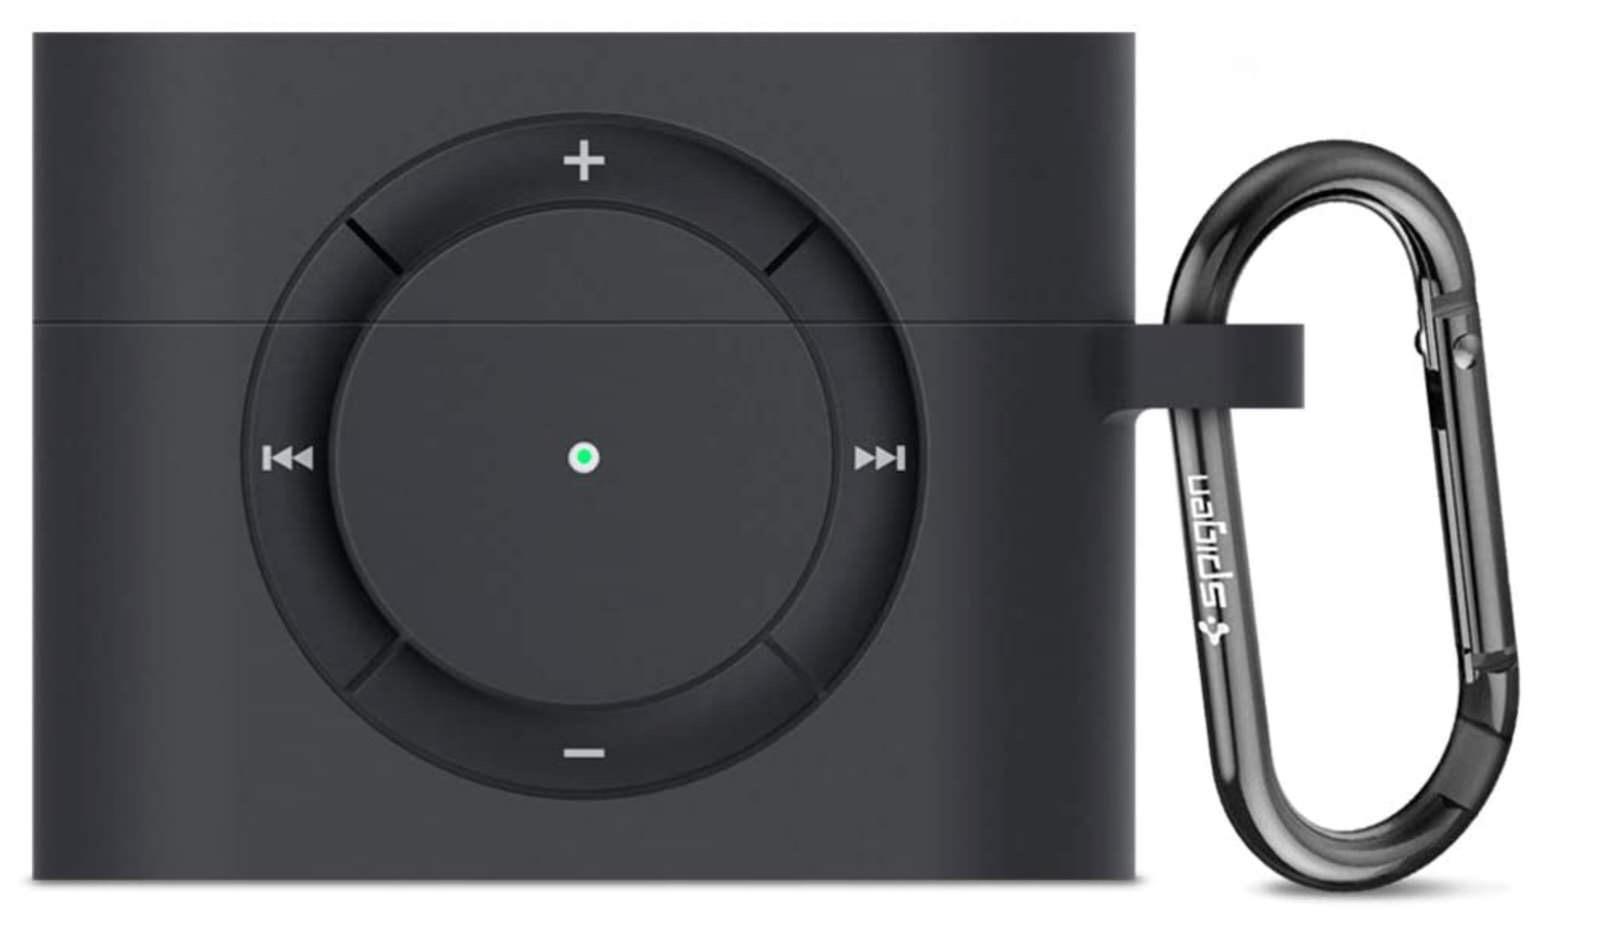 Apple AirPods Pro ケース カバー iPod shuffle 完全再現 カラビナ リング 付き シリコン 収納ケース−2